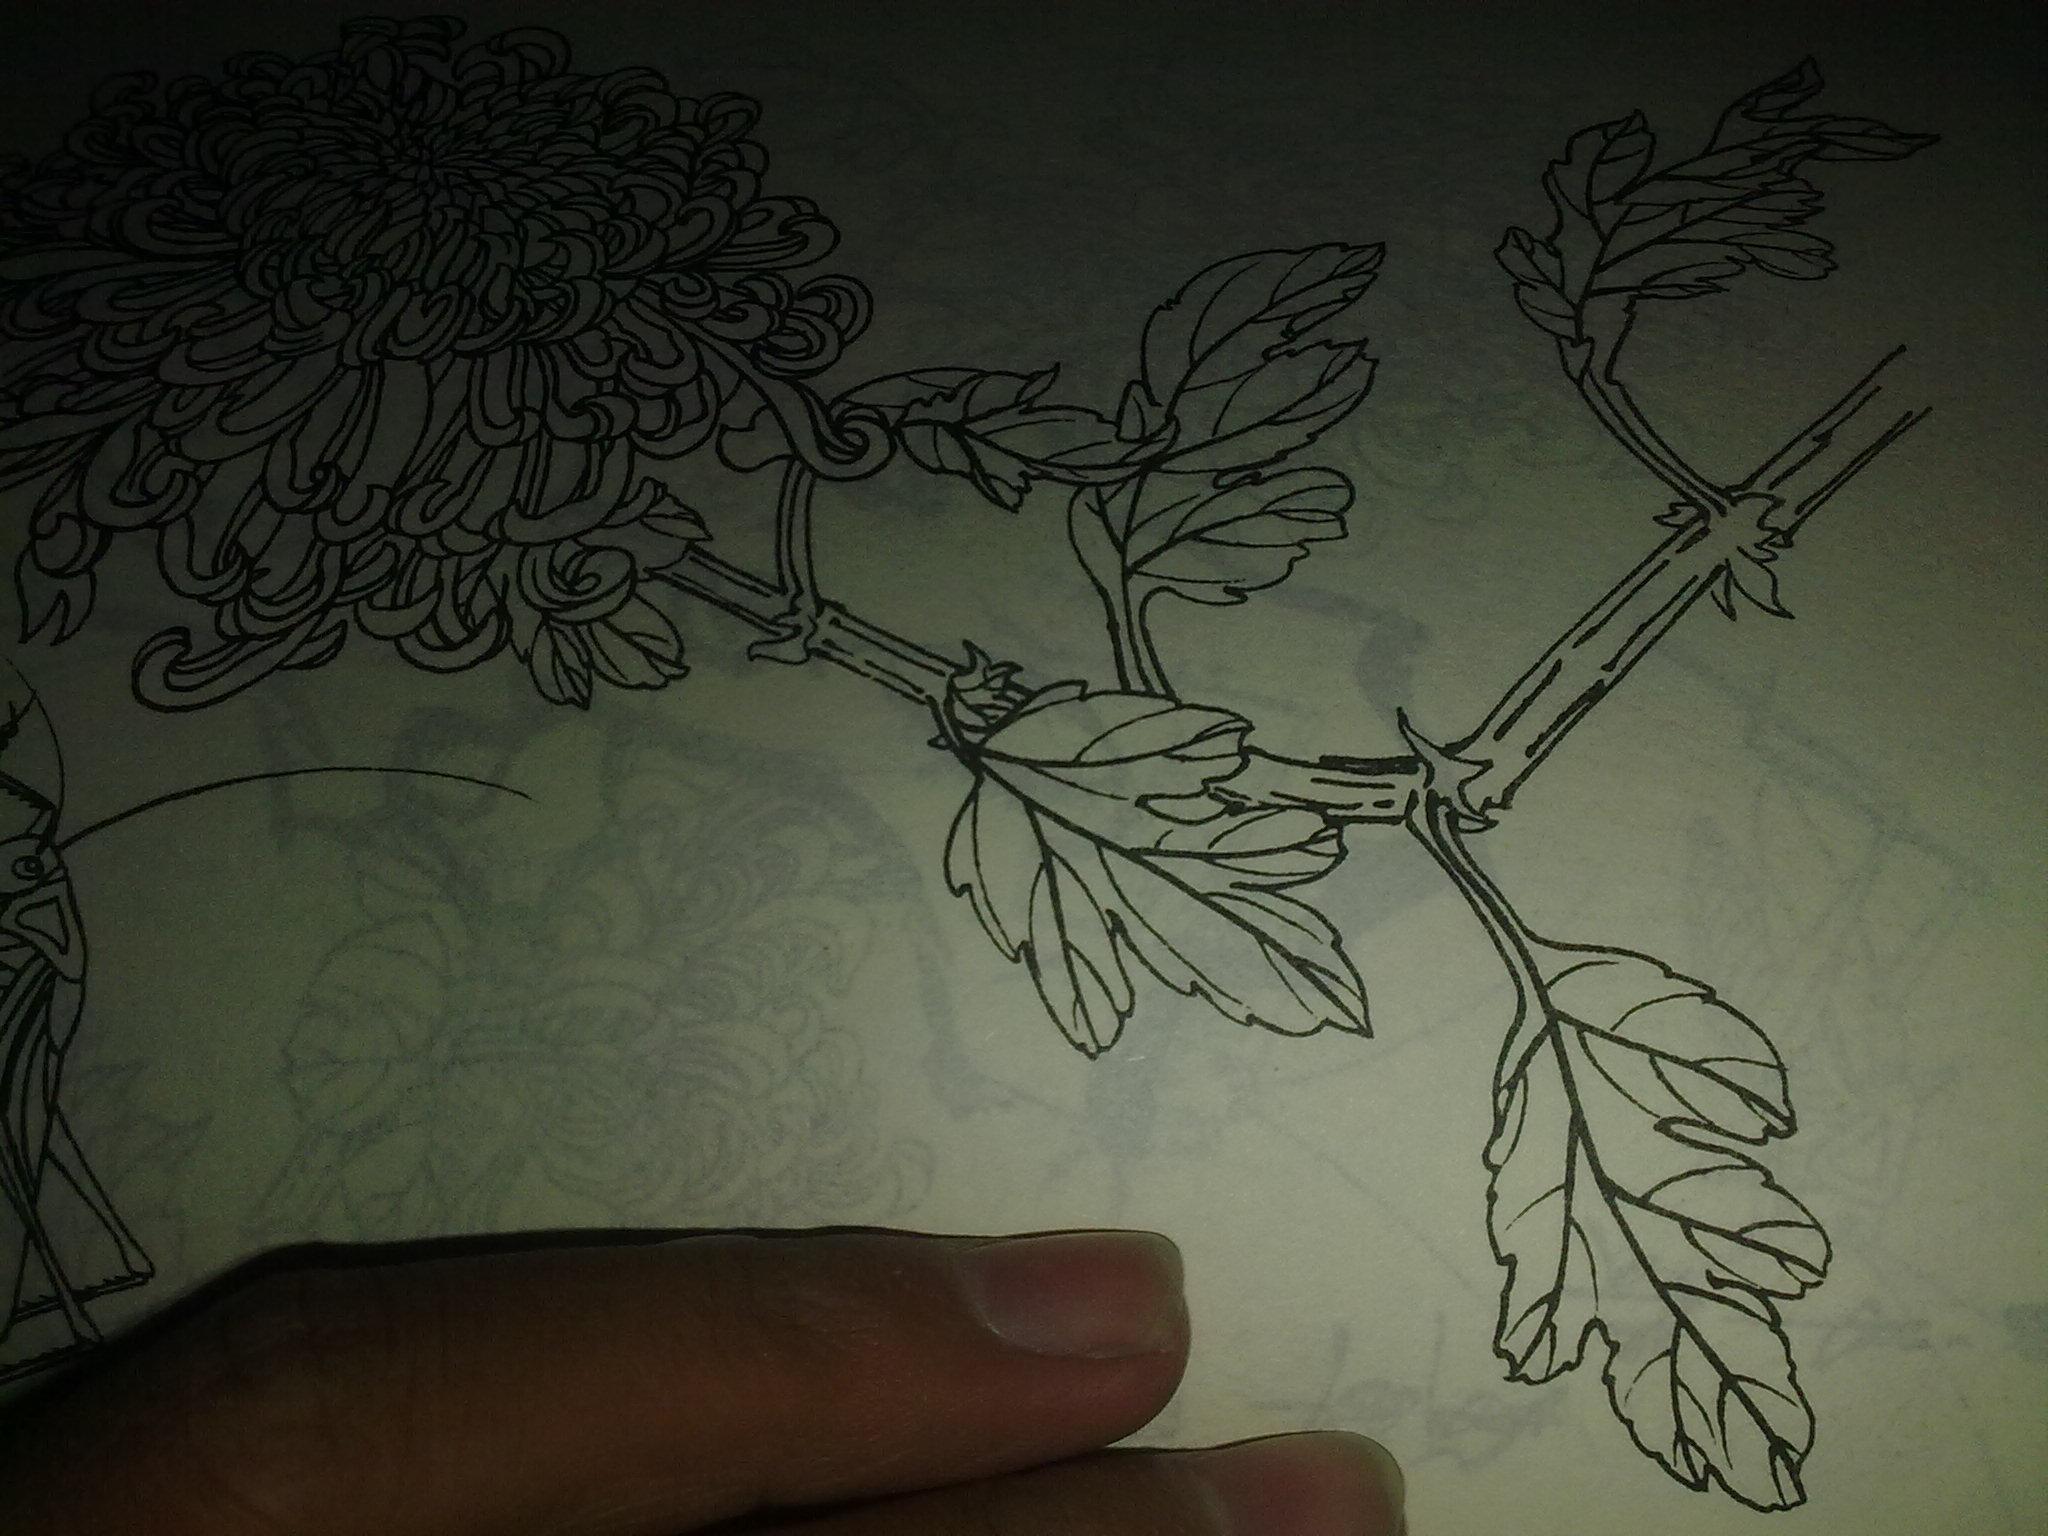 求 玉雕 翡翠花件 素面 (主要:叶子 ,灵芝)等简单设计画法图 要求能